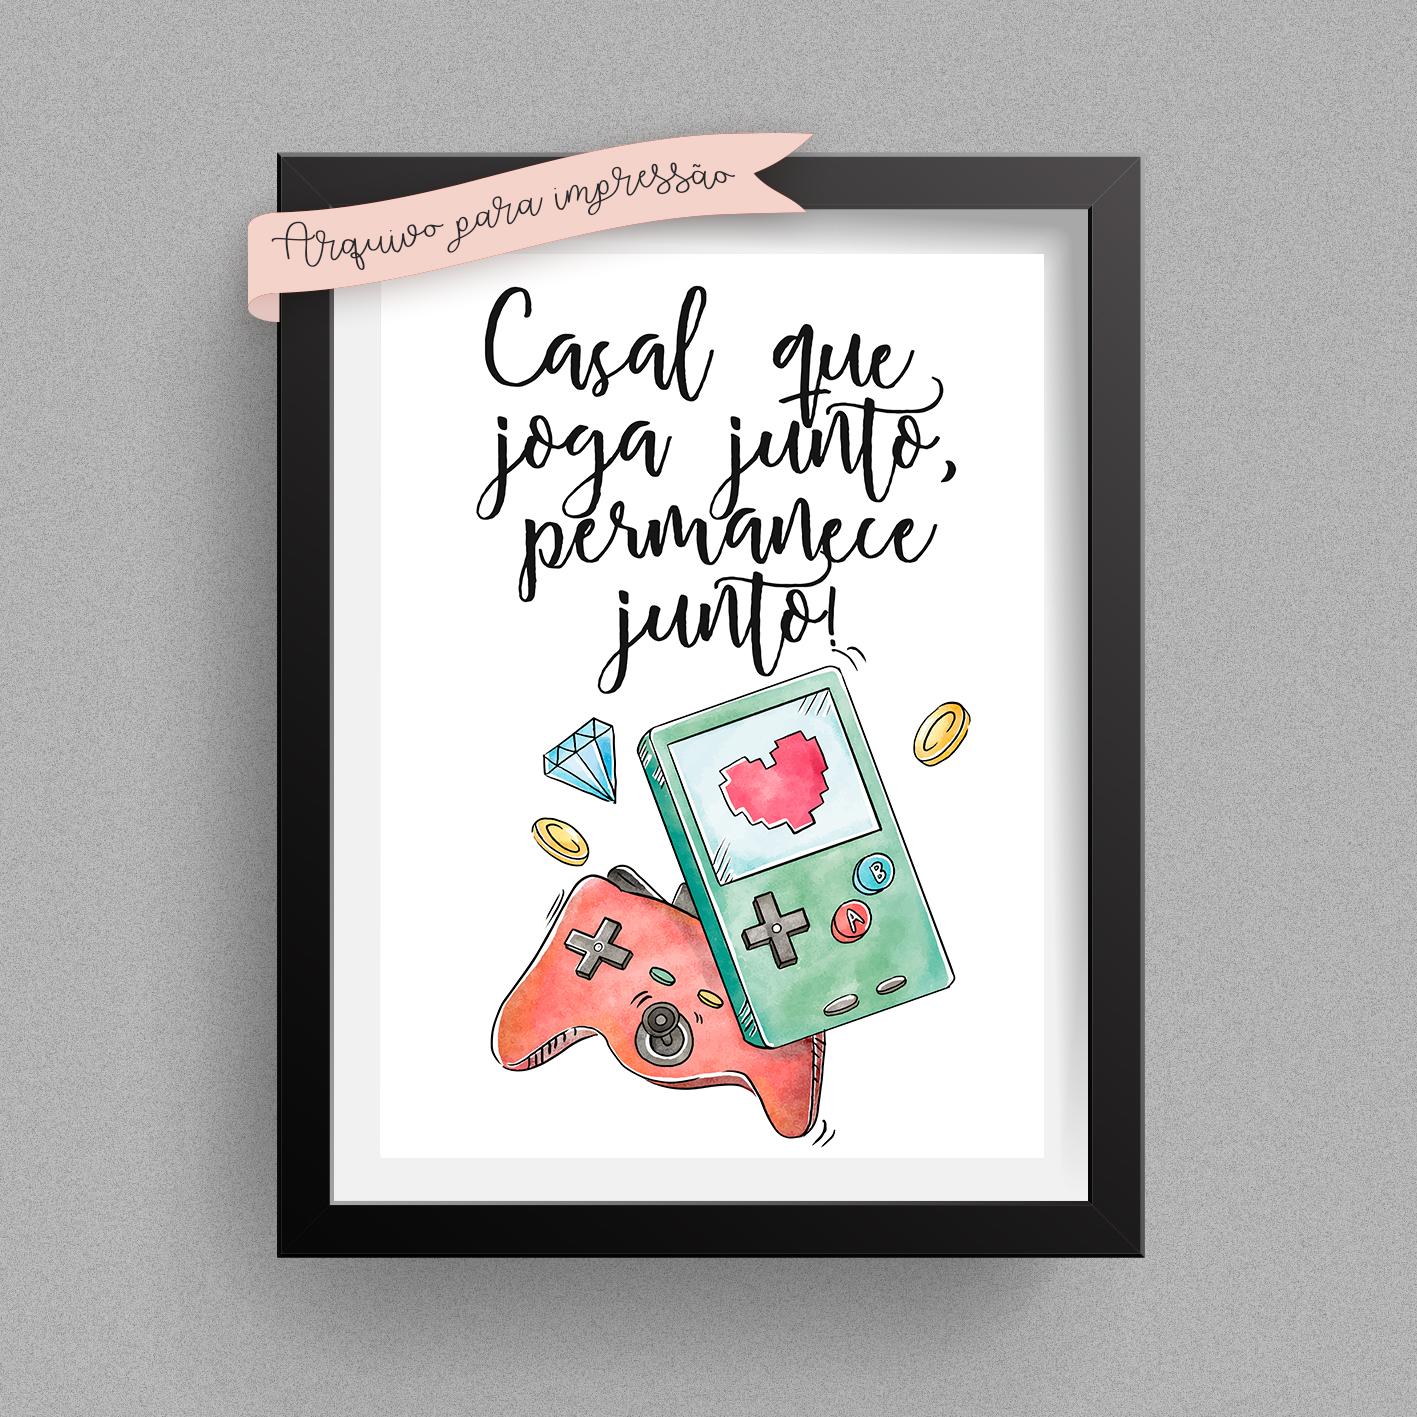 Poster Digital A3 Casal Que Joga Junto Permanece Junto No Elo7